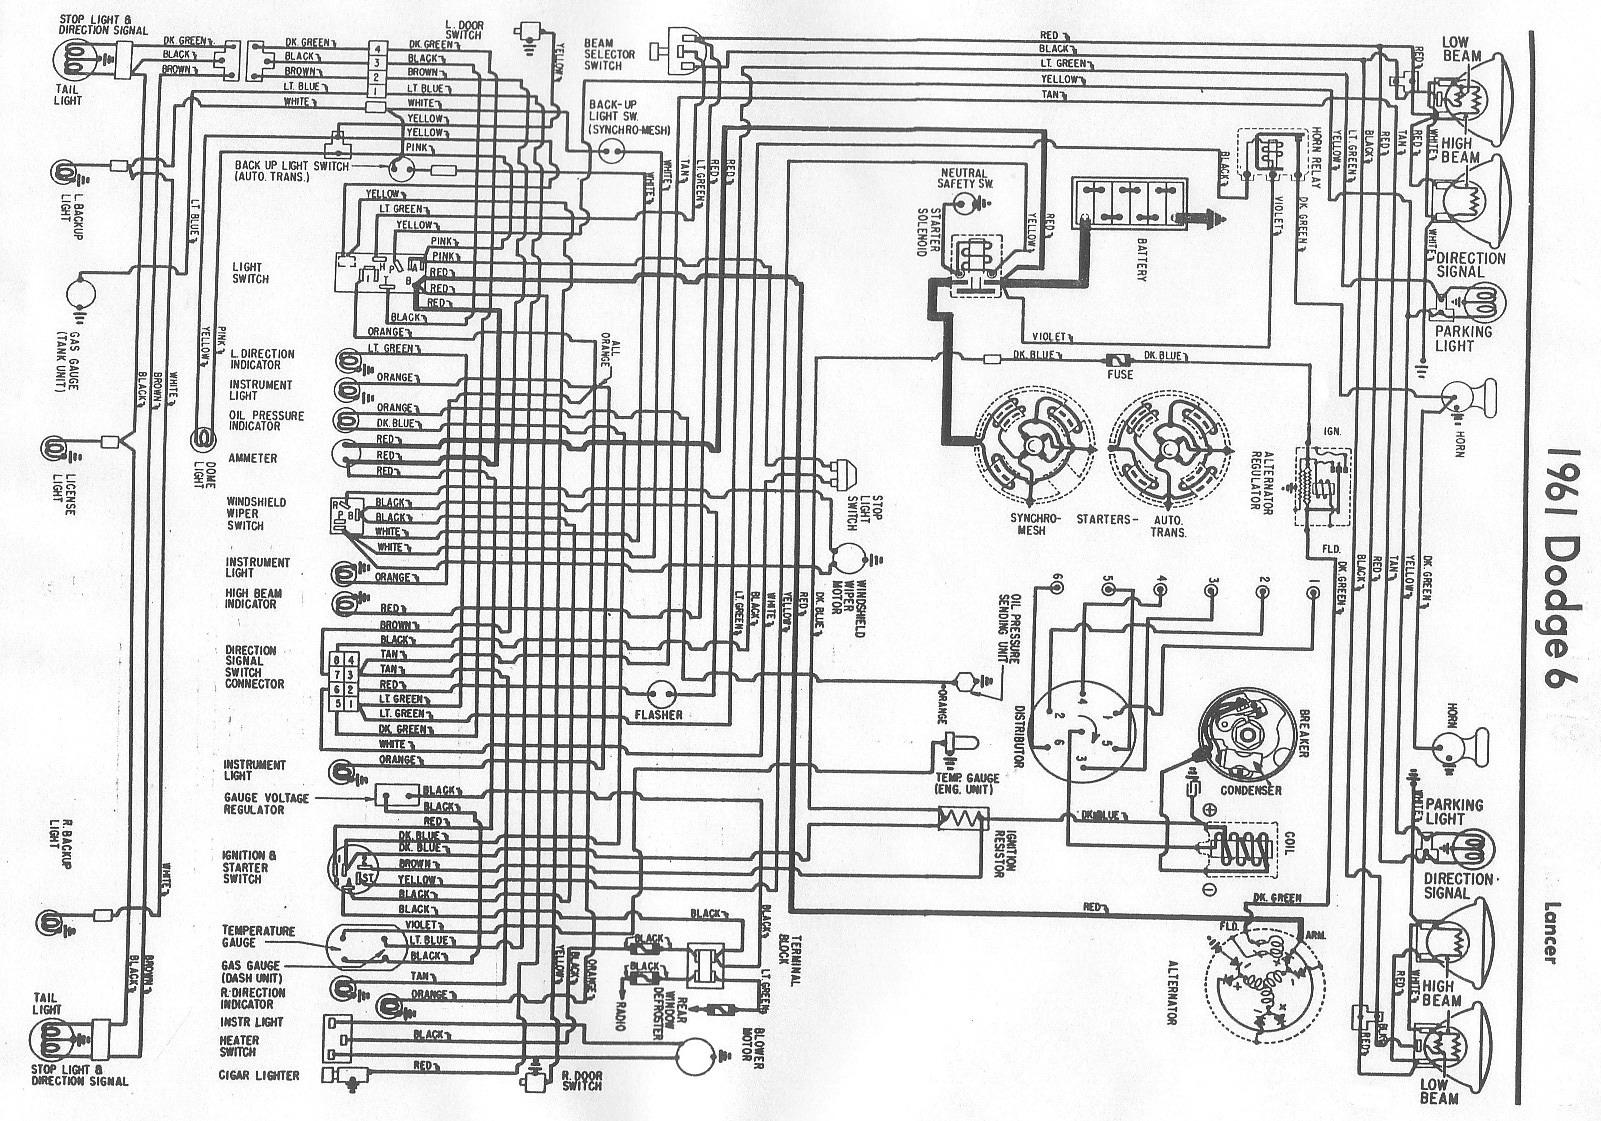 Erfreut 97 F150 Schaltplan Bilder - Die Besten Elektrischen ...